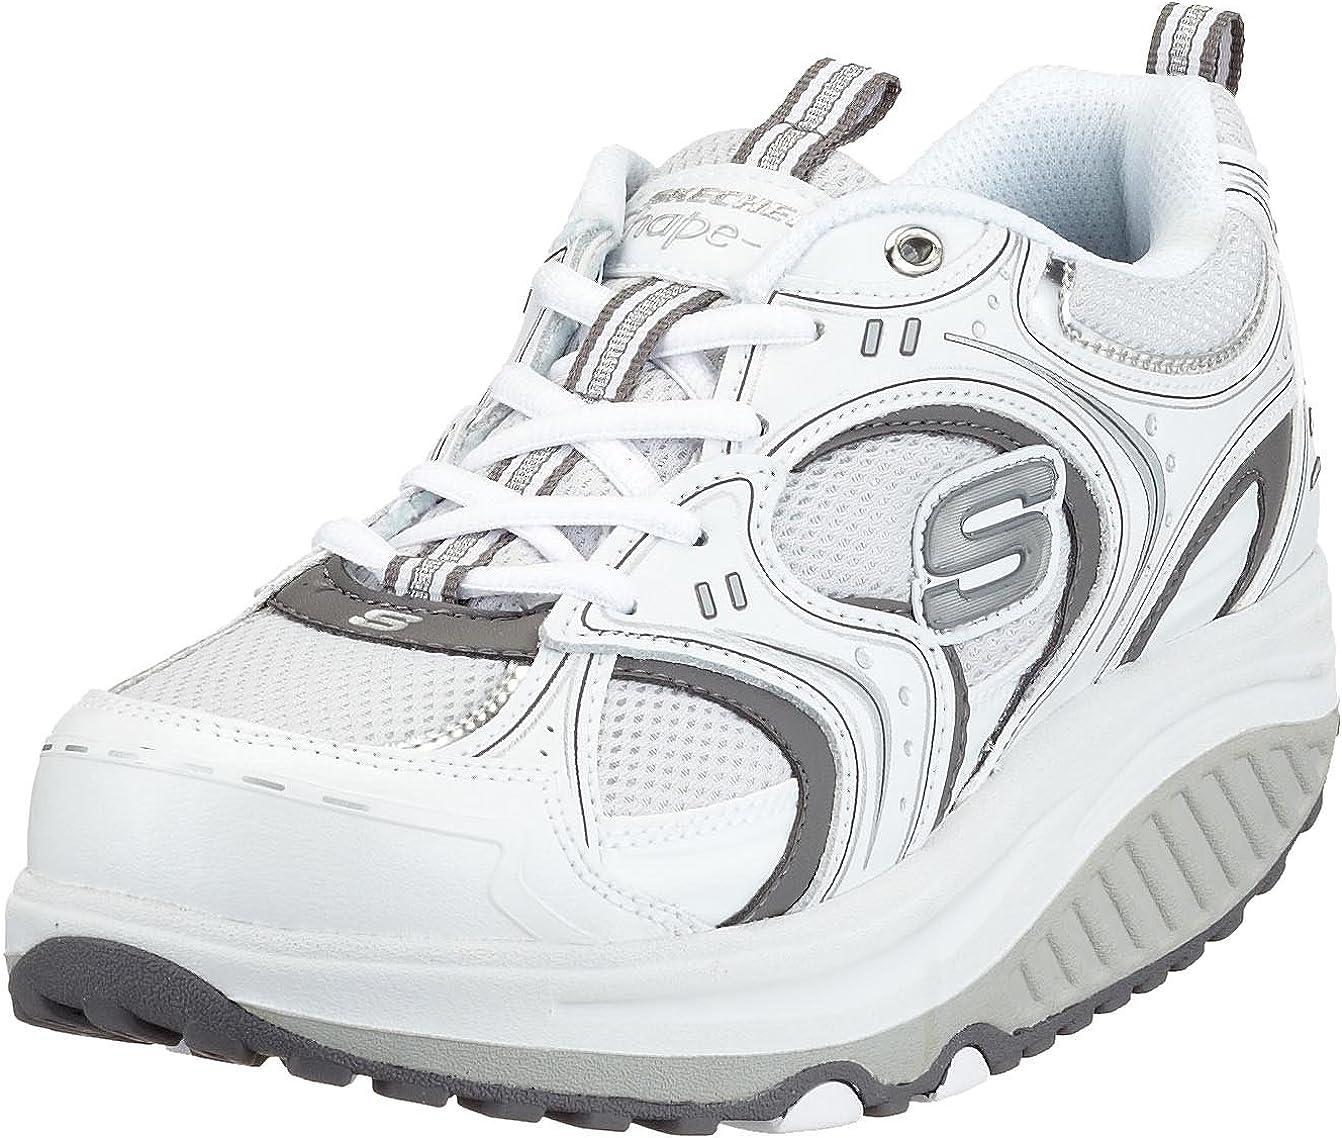 Chirrido locutor audiencia  calidad revisa patrones de moda skechers mbt shoes - coopsangregorio.com